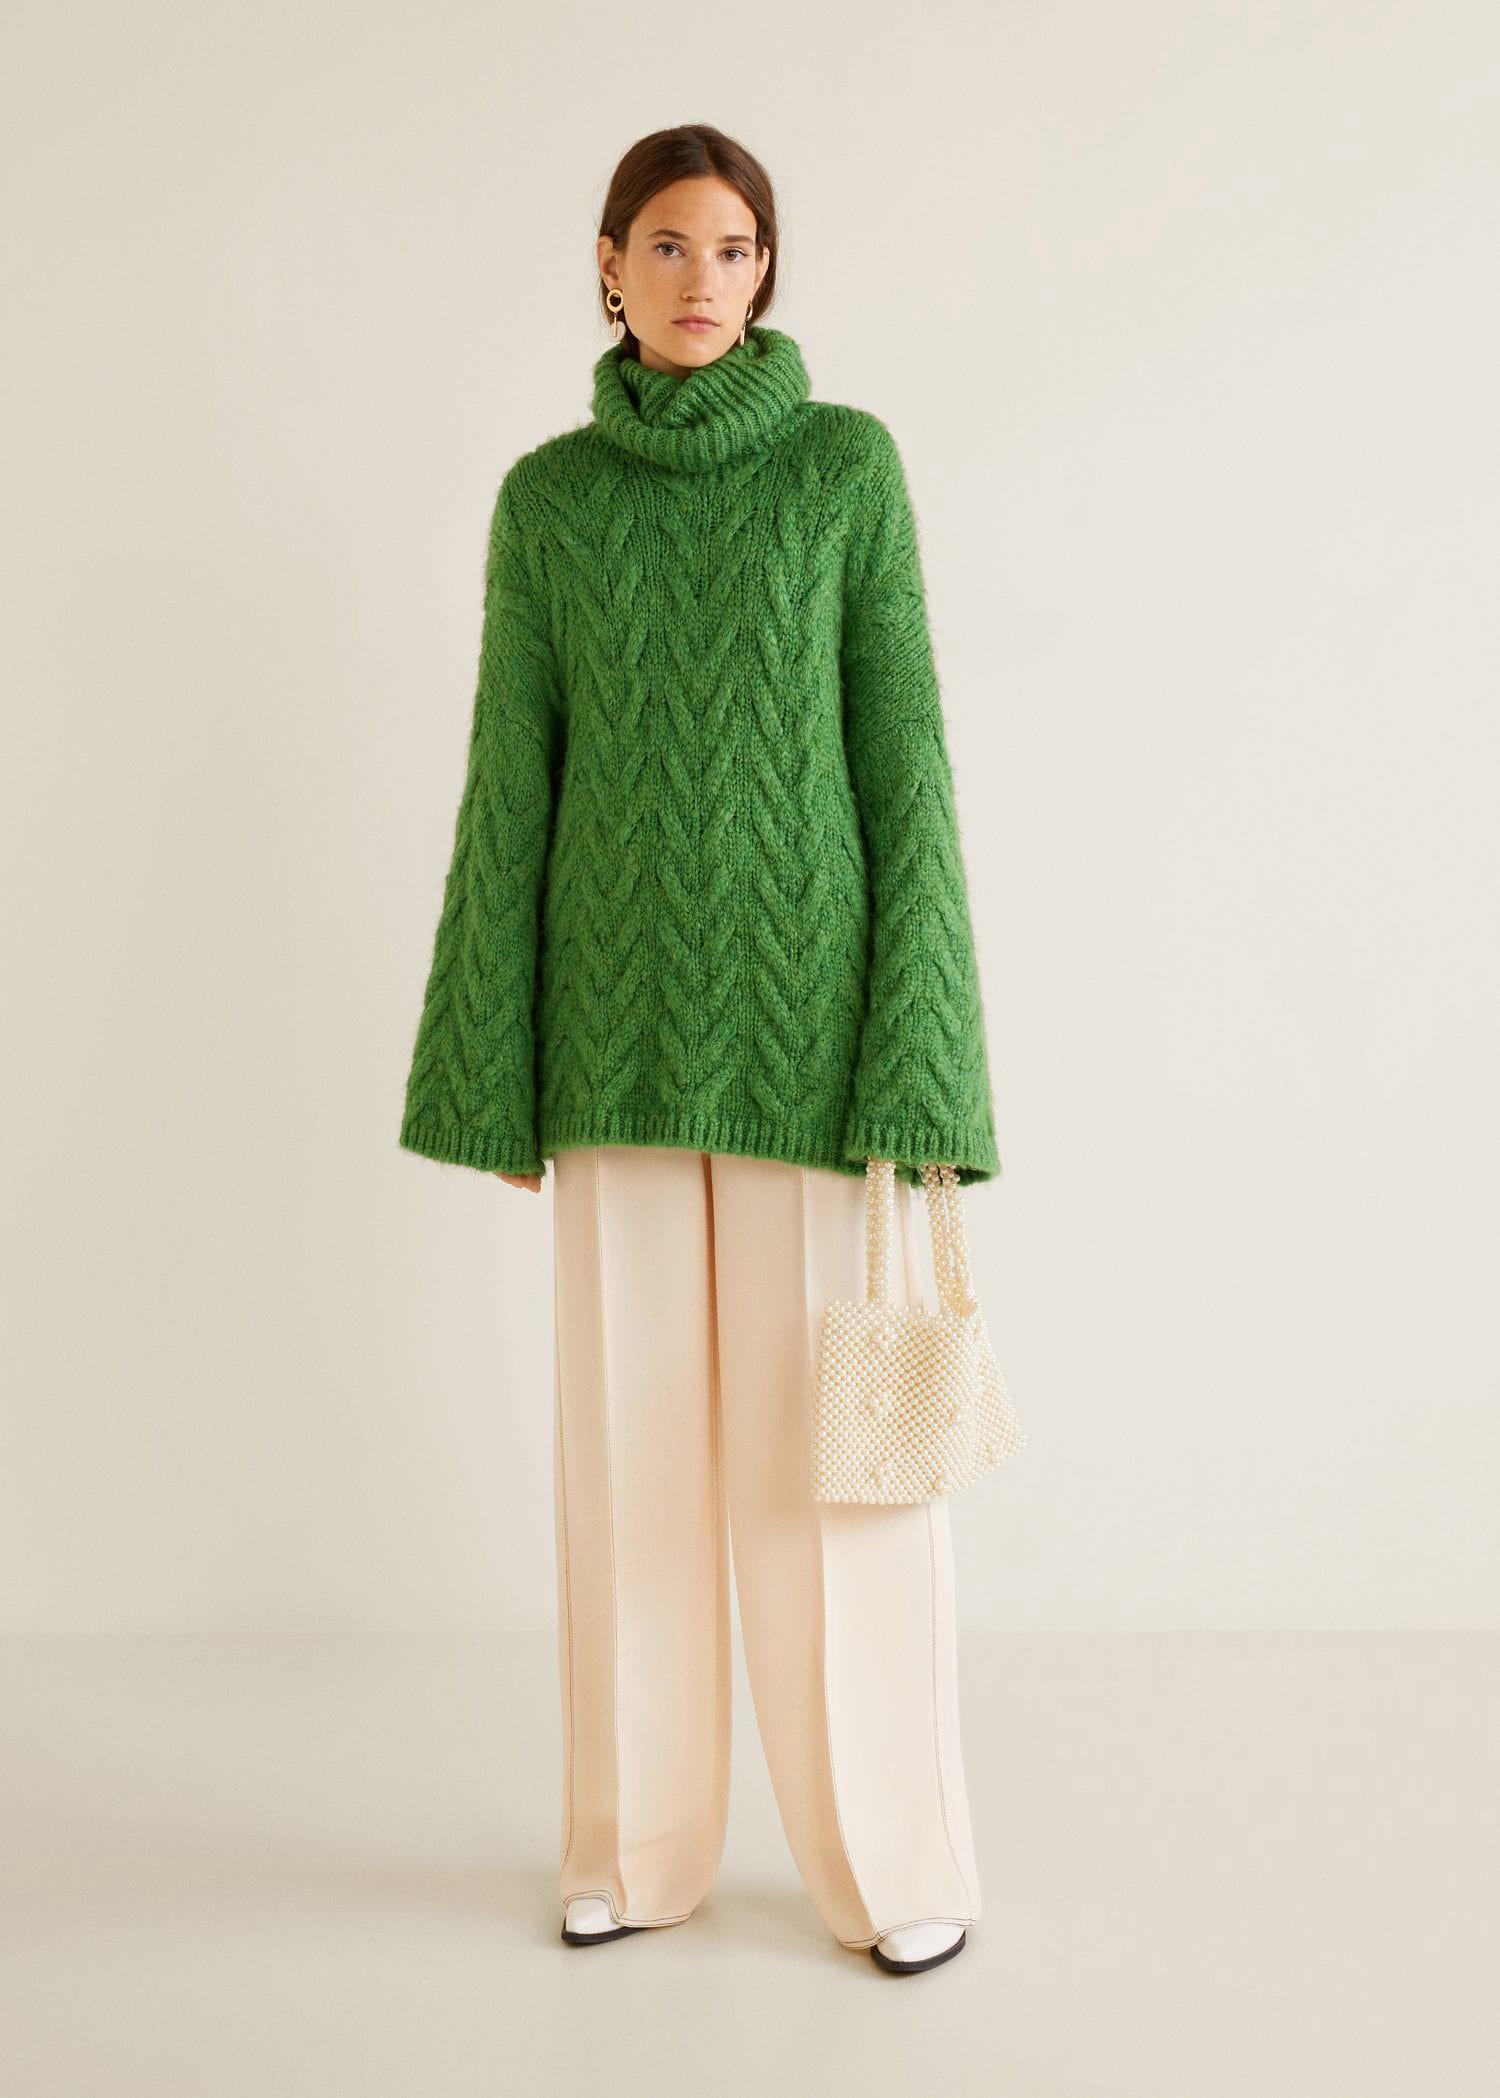 2375f19449a2 Mango Chunky-Knit Sweater - XS